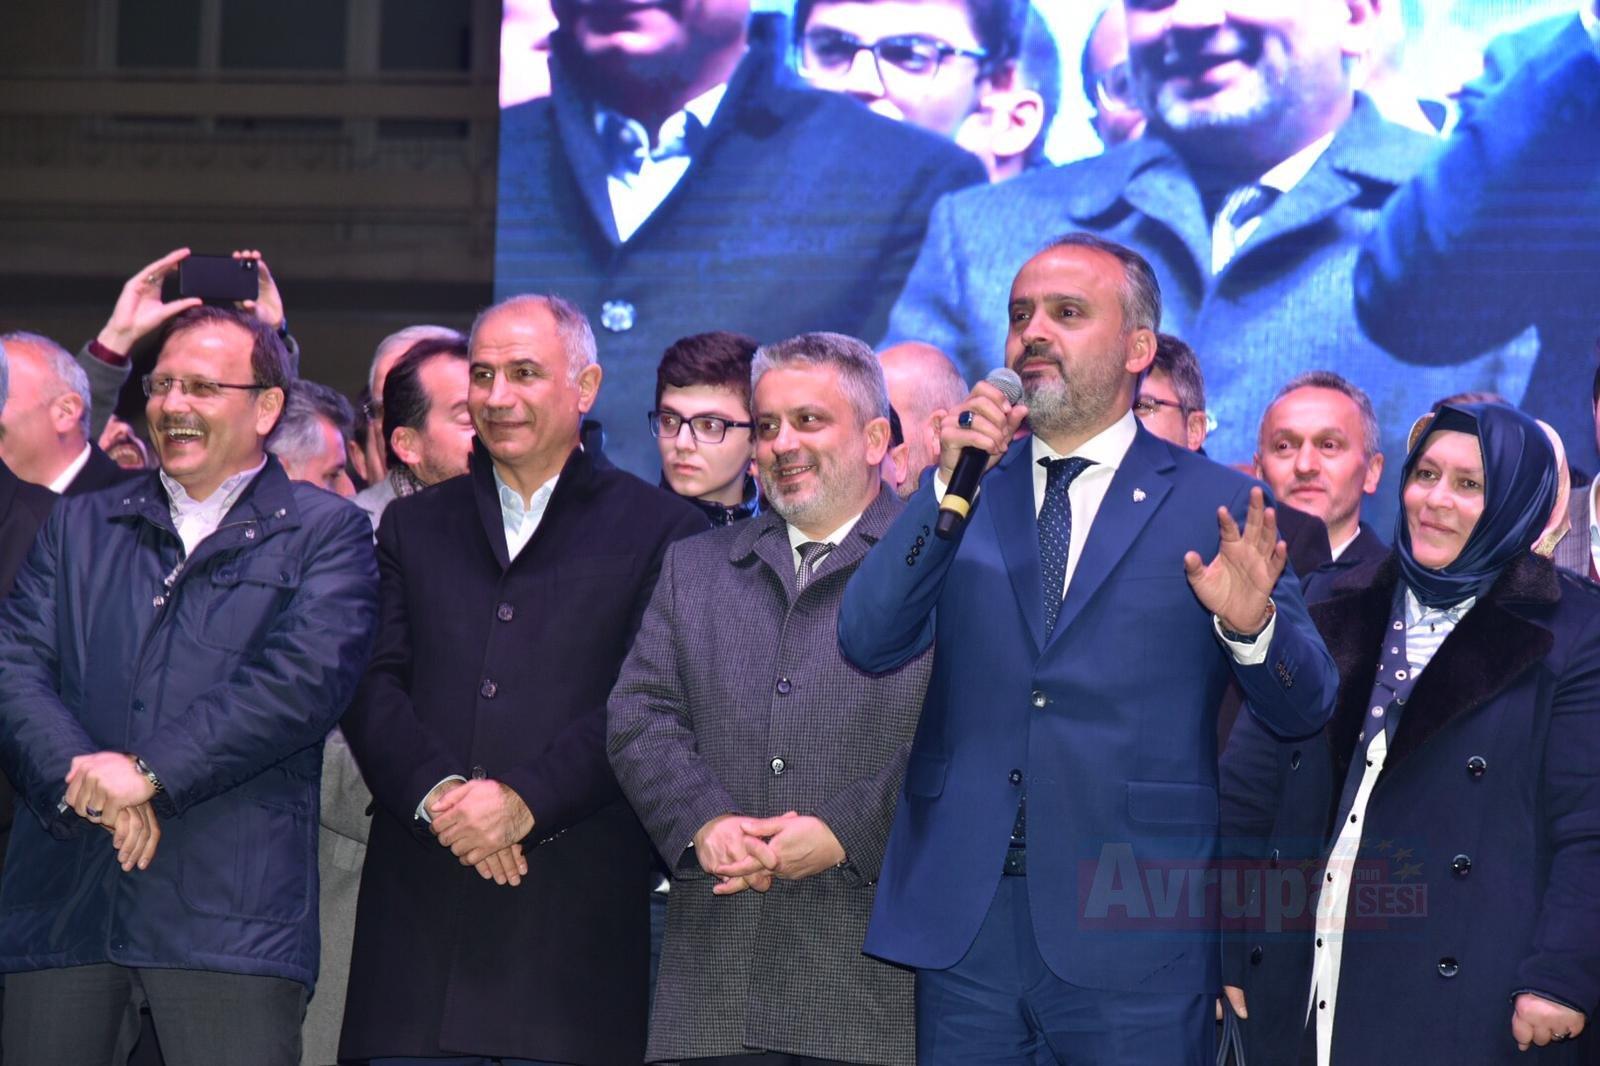 Bursa Büyükşehir Belediye Başkanlığını AK Parti'li adayı Alinur Aktaş kazandı